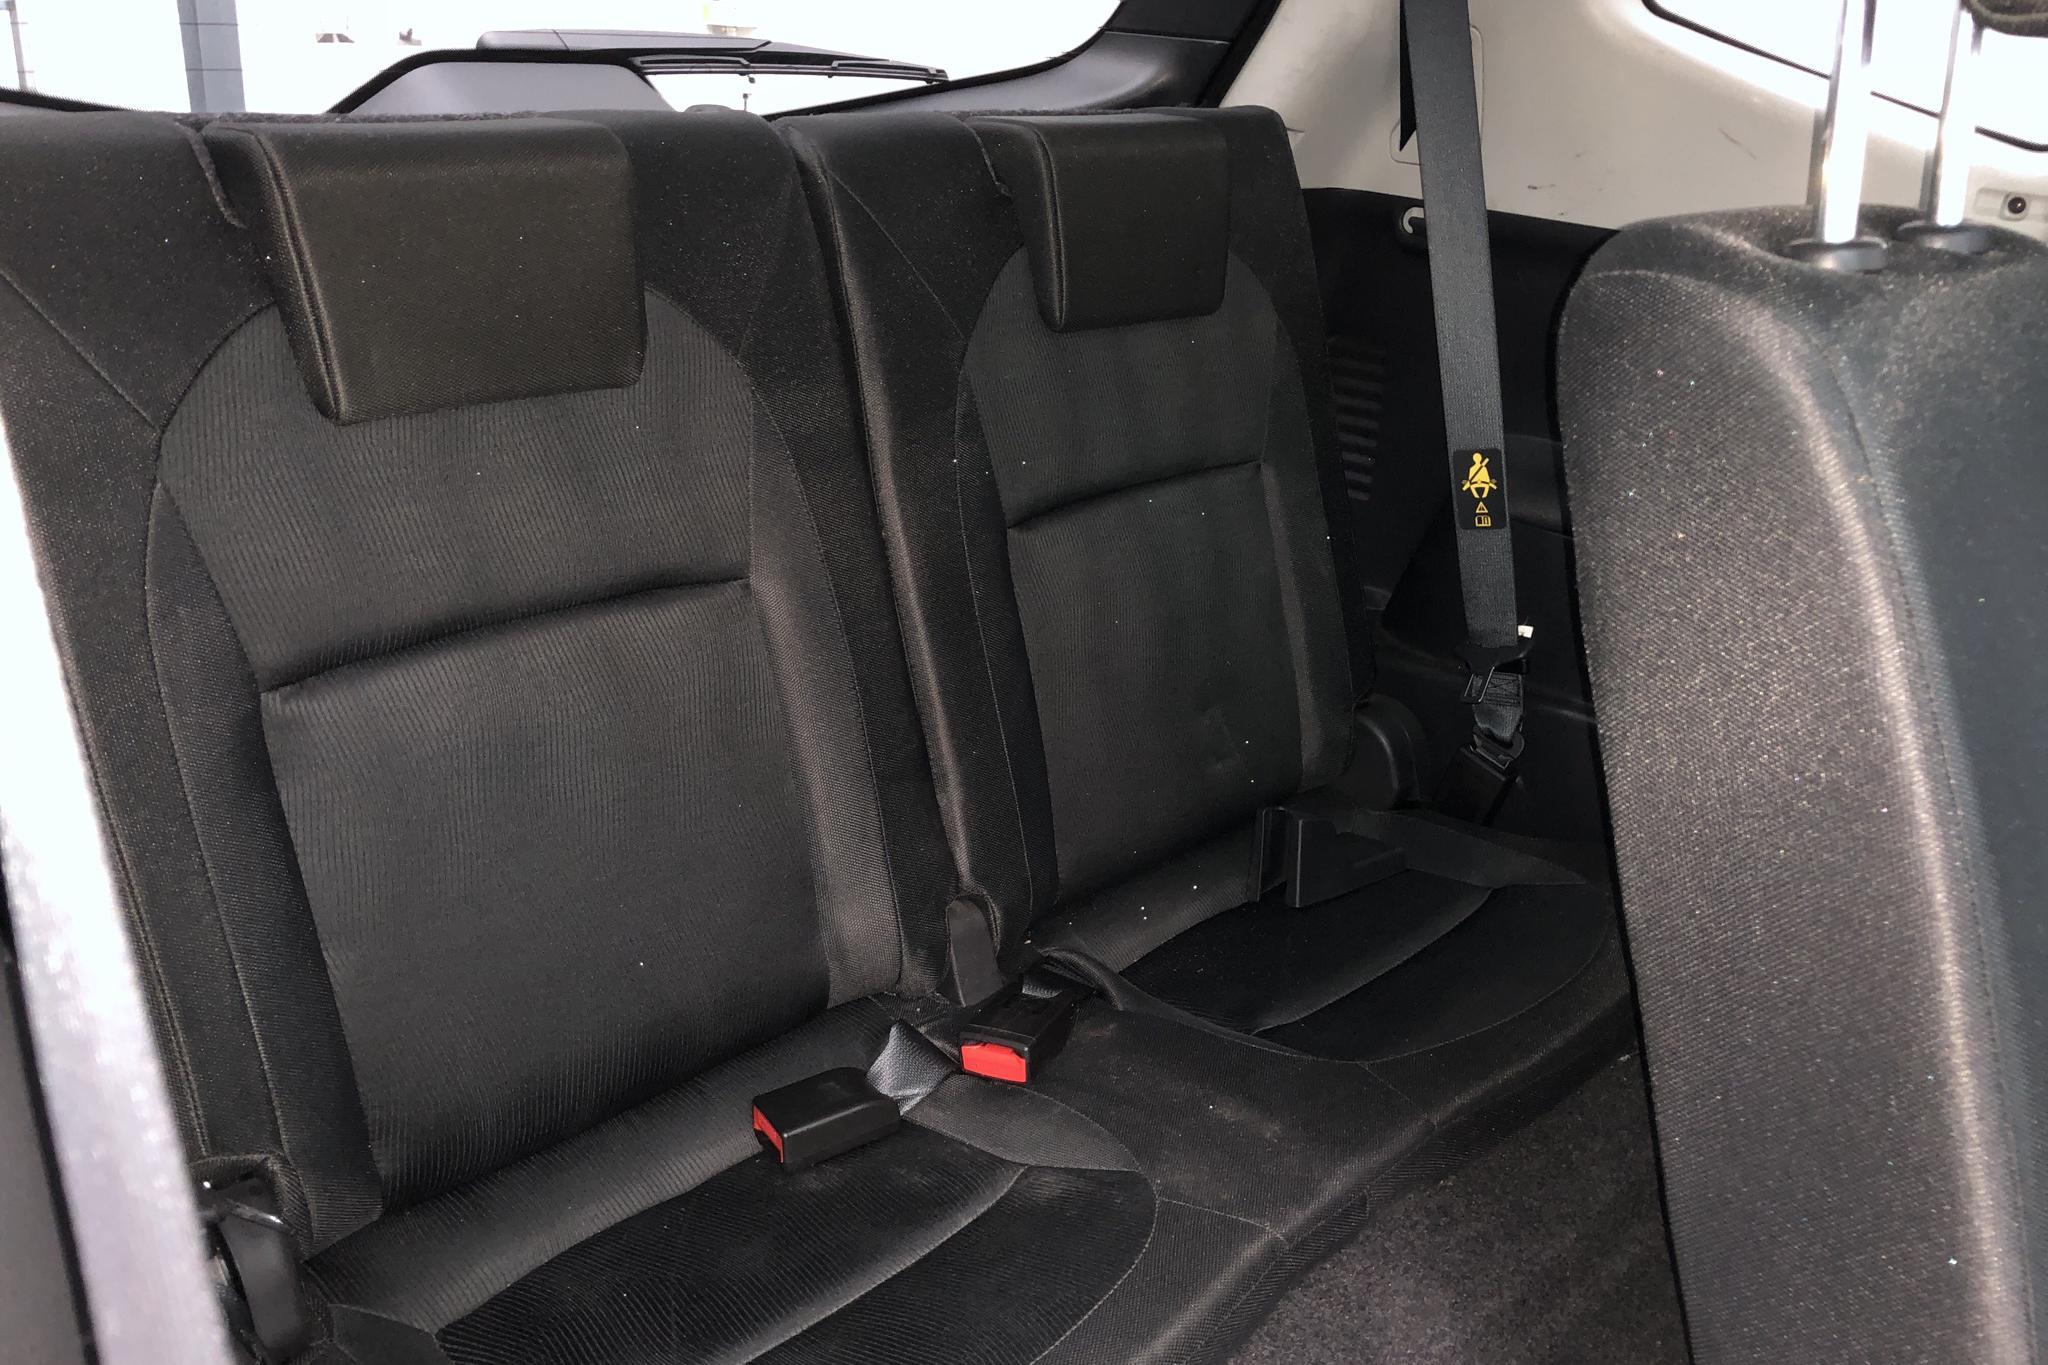 Nissan Qashqai+2 2.0 (140hk) - 13 400 mil - Manuell - svart - 2012